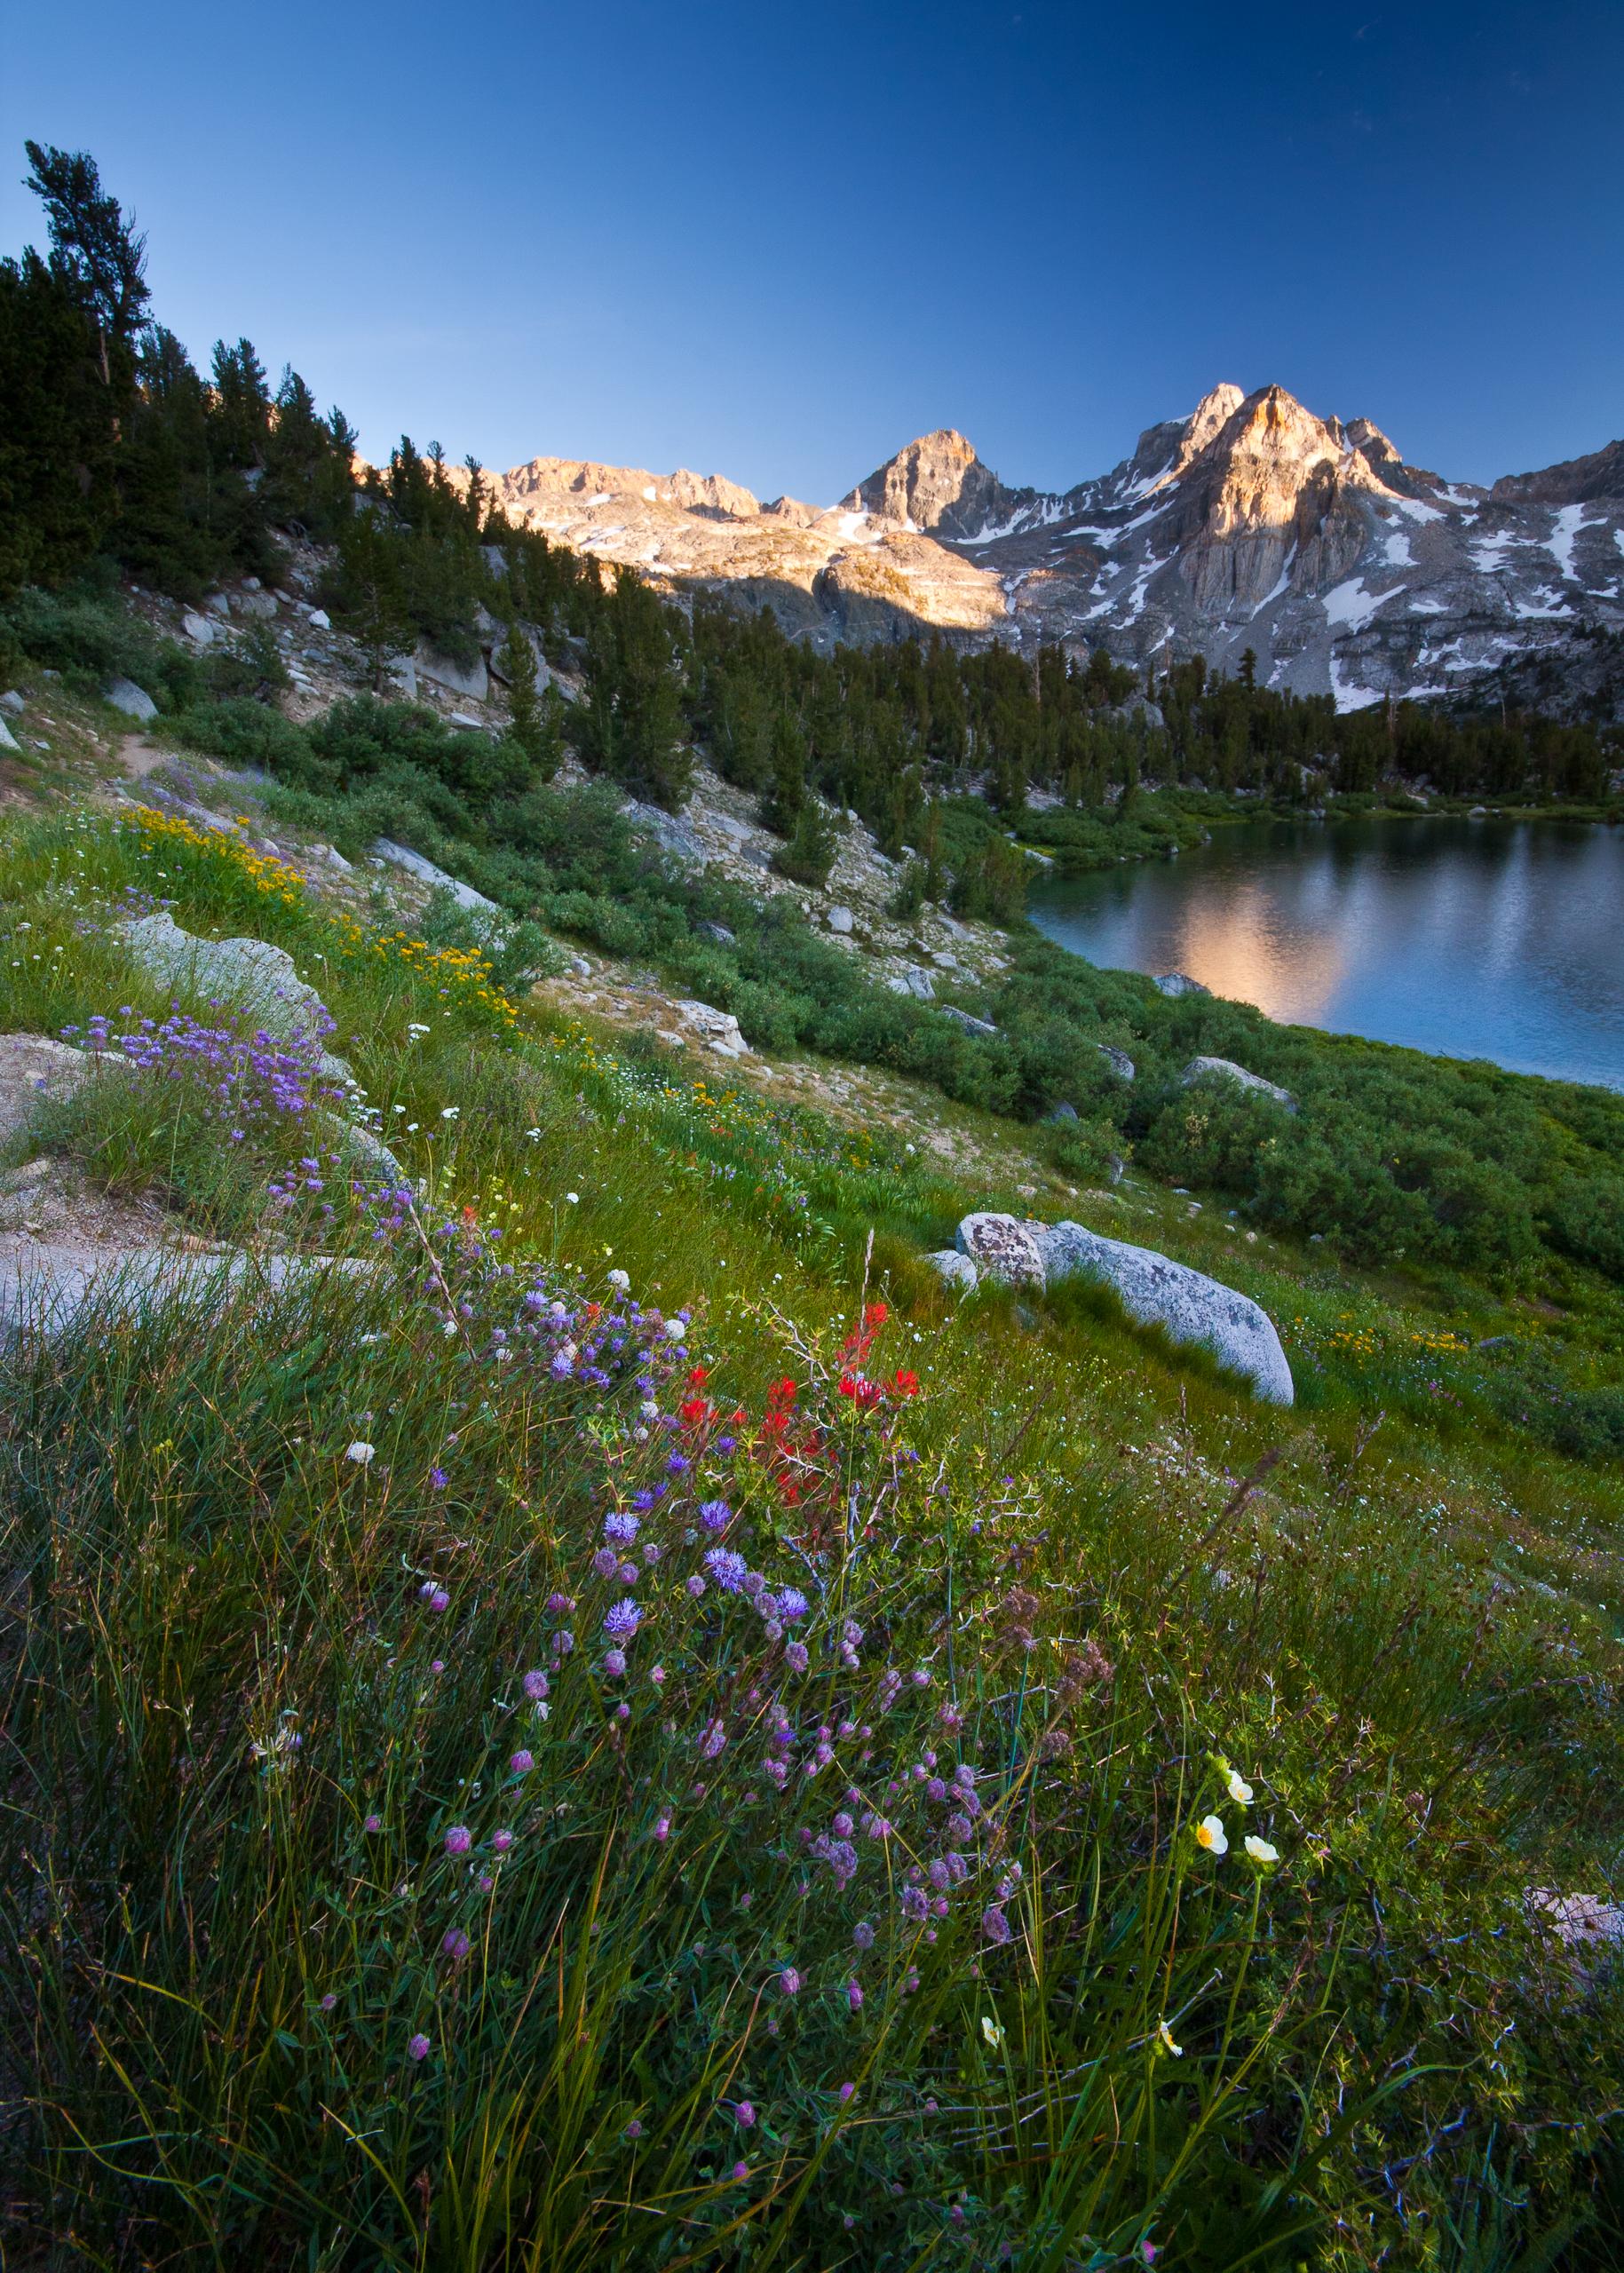 81835 скачать обои Природа, Озеро, Долина, Трава, Горы, Пейзаж, Цветы - заставки и картинки бесплатно